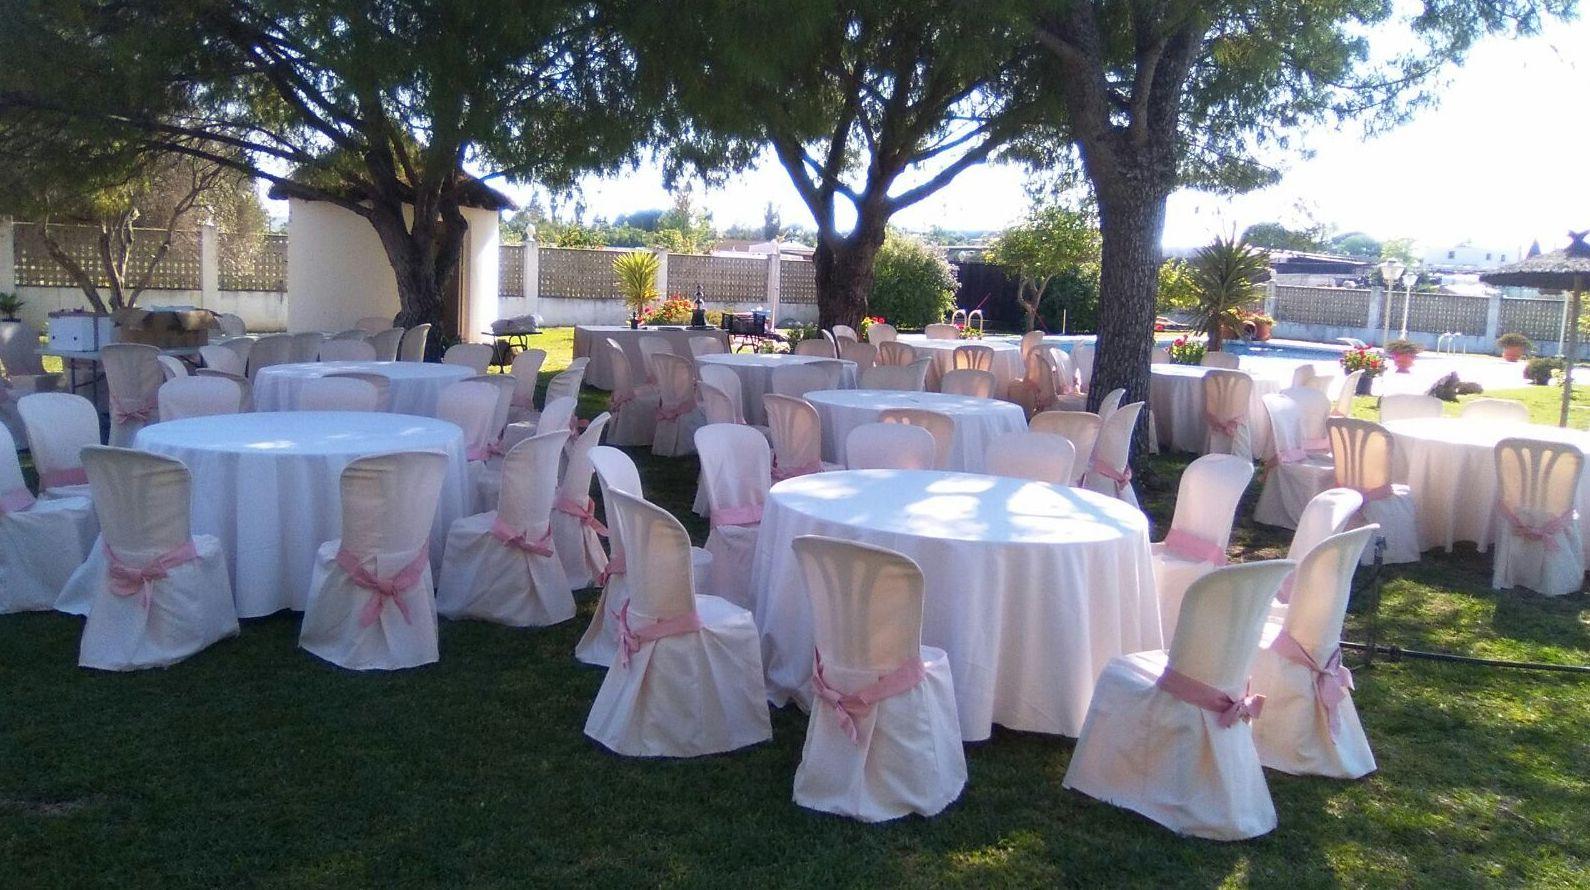 Foto 51 de Alquiler de sillas, mesas y menaje en Jerez de la Frontera | Jedal Alquileres